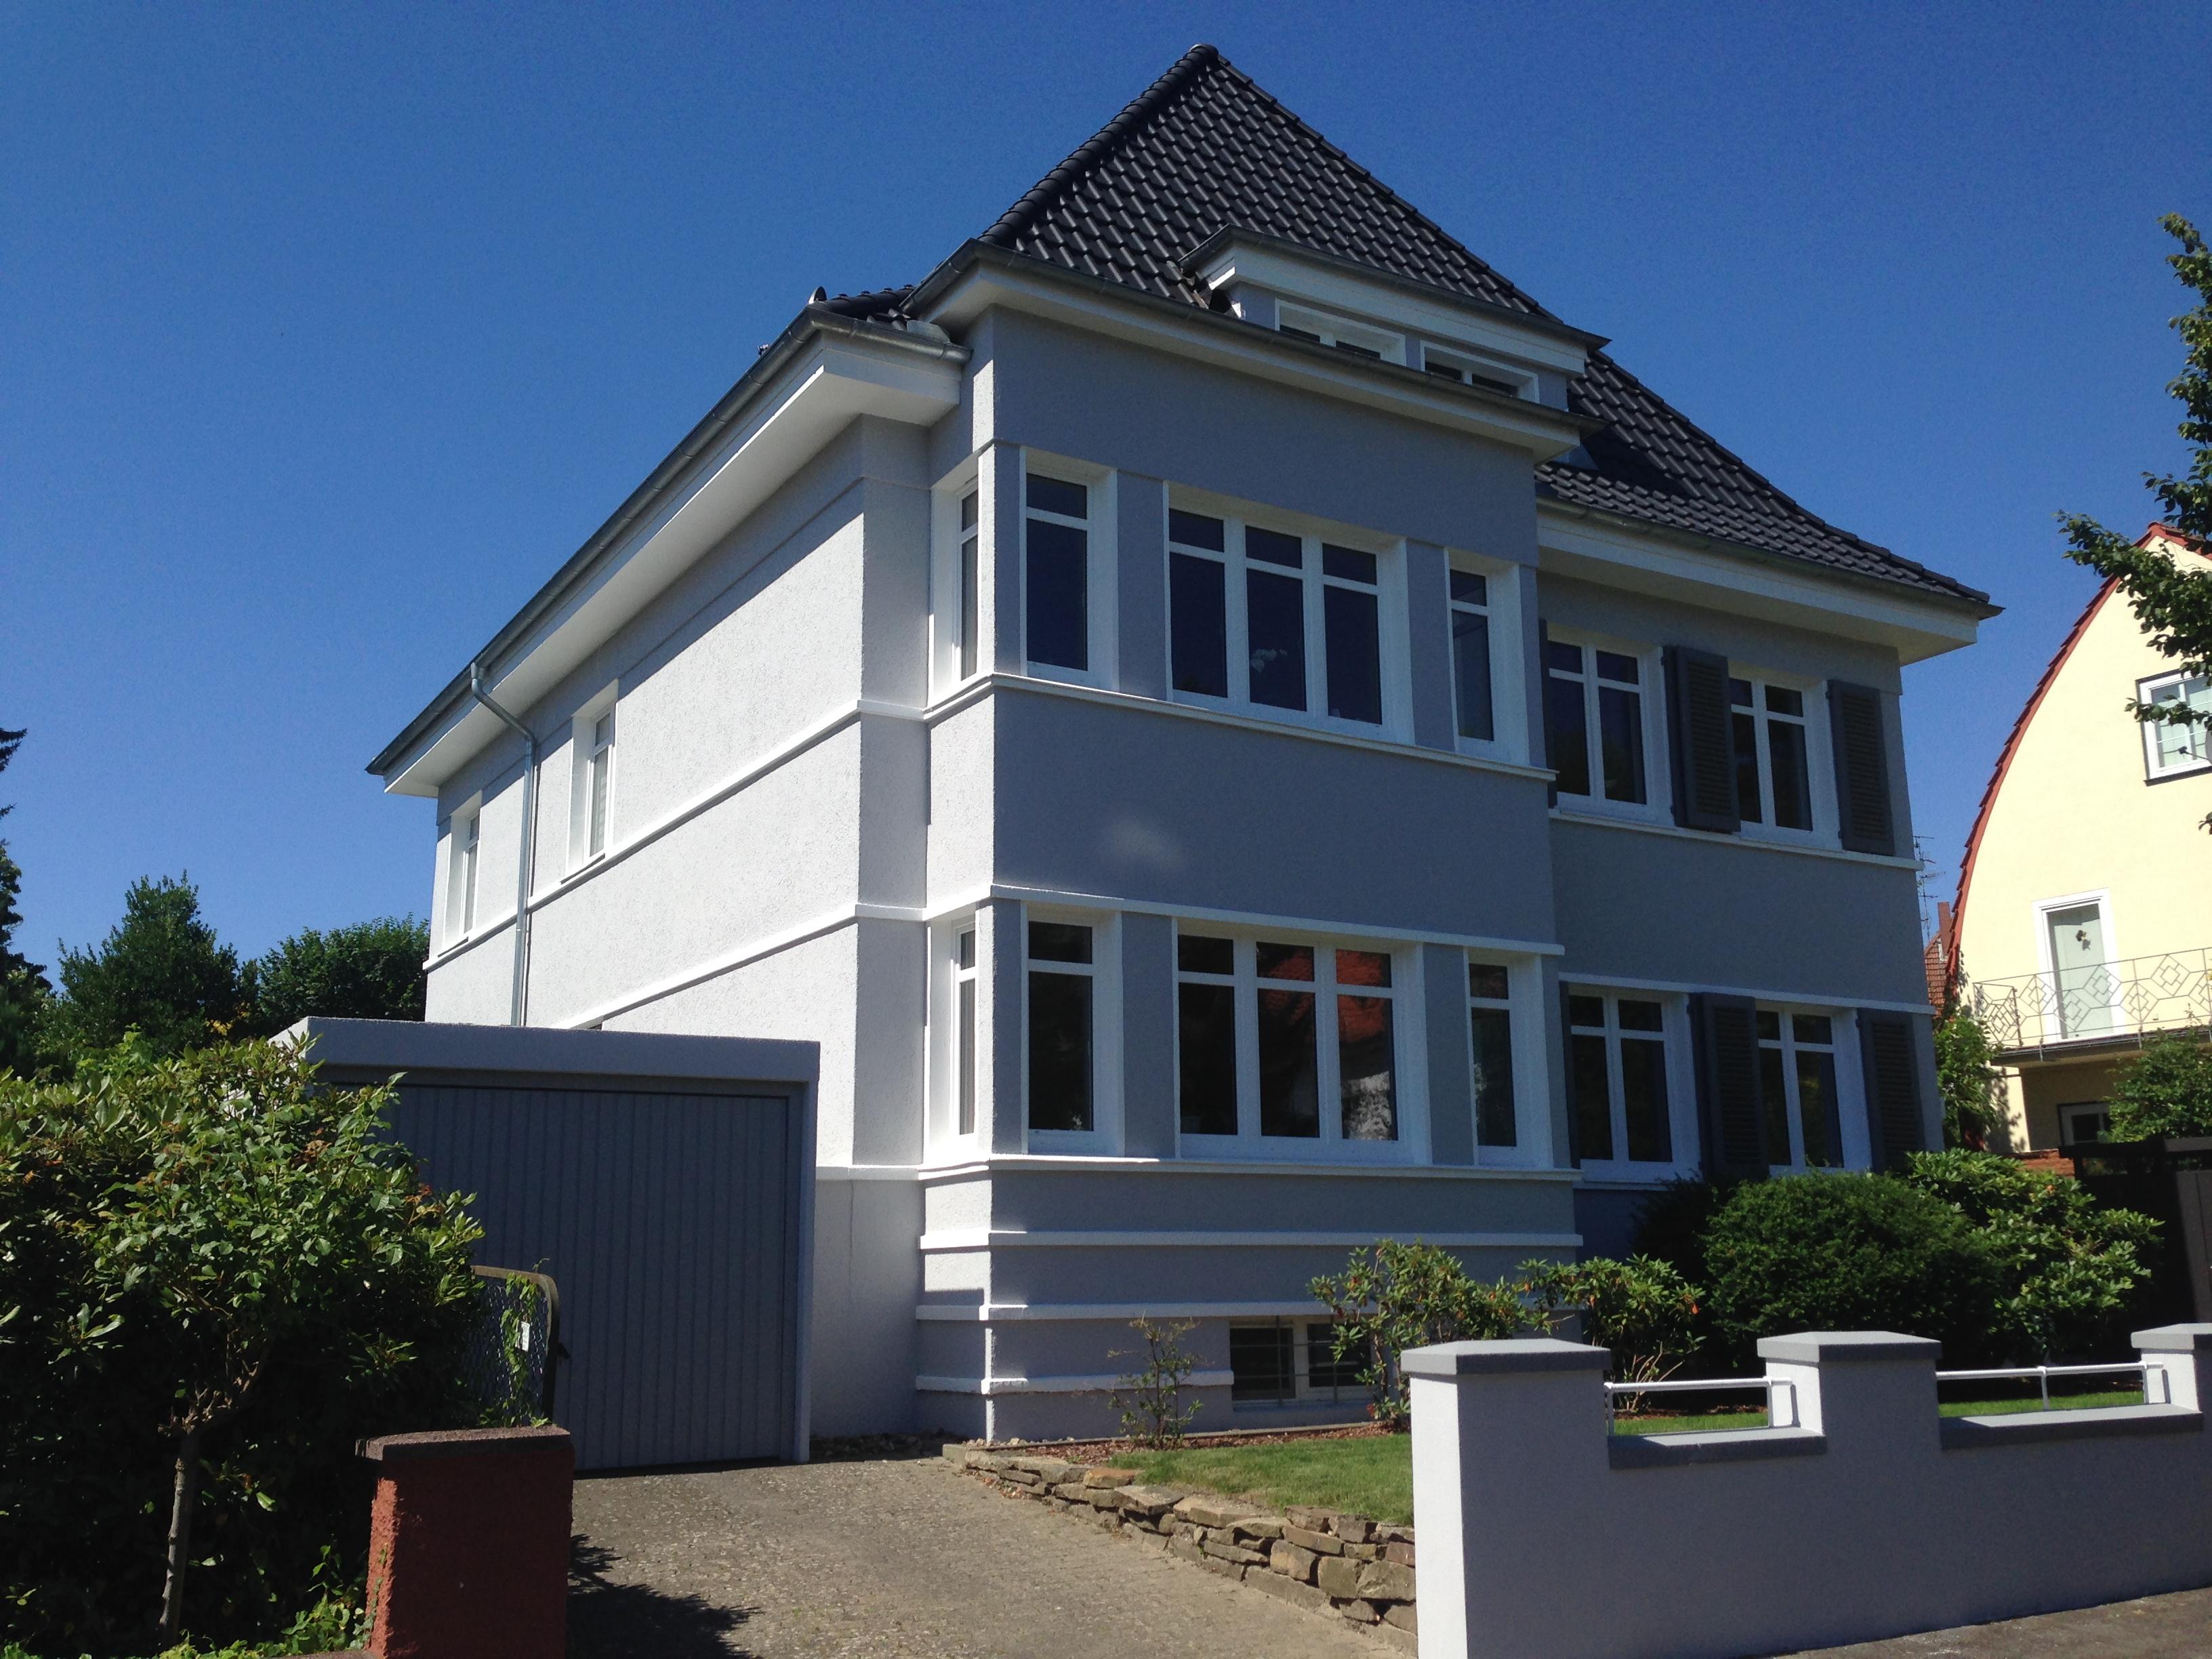 Haus 1 nachher